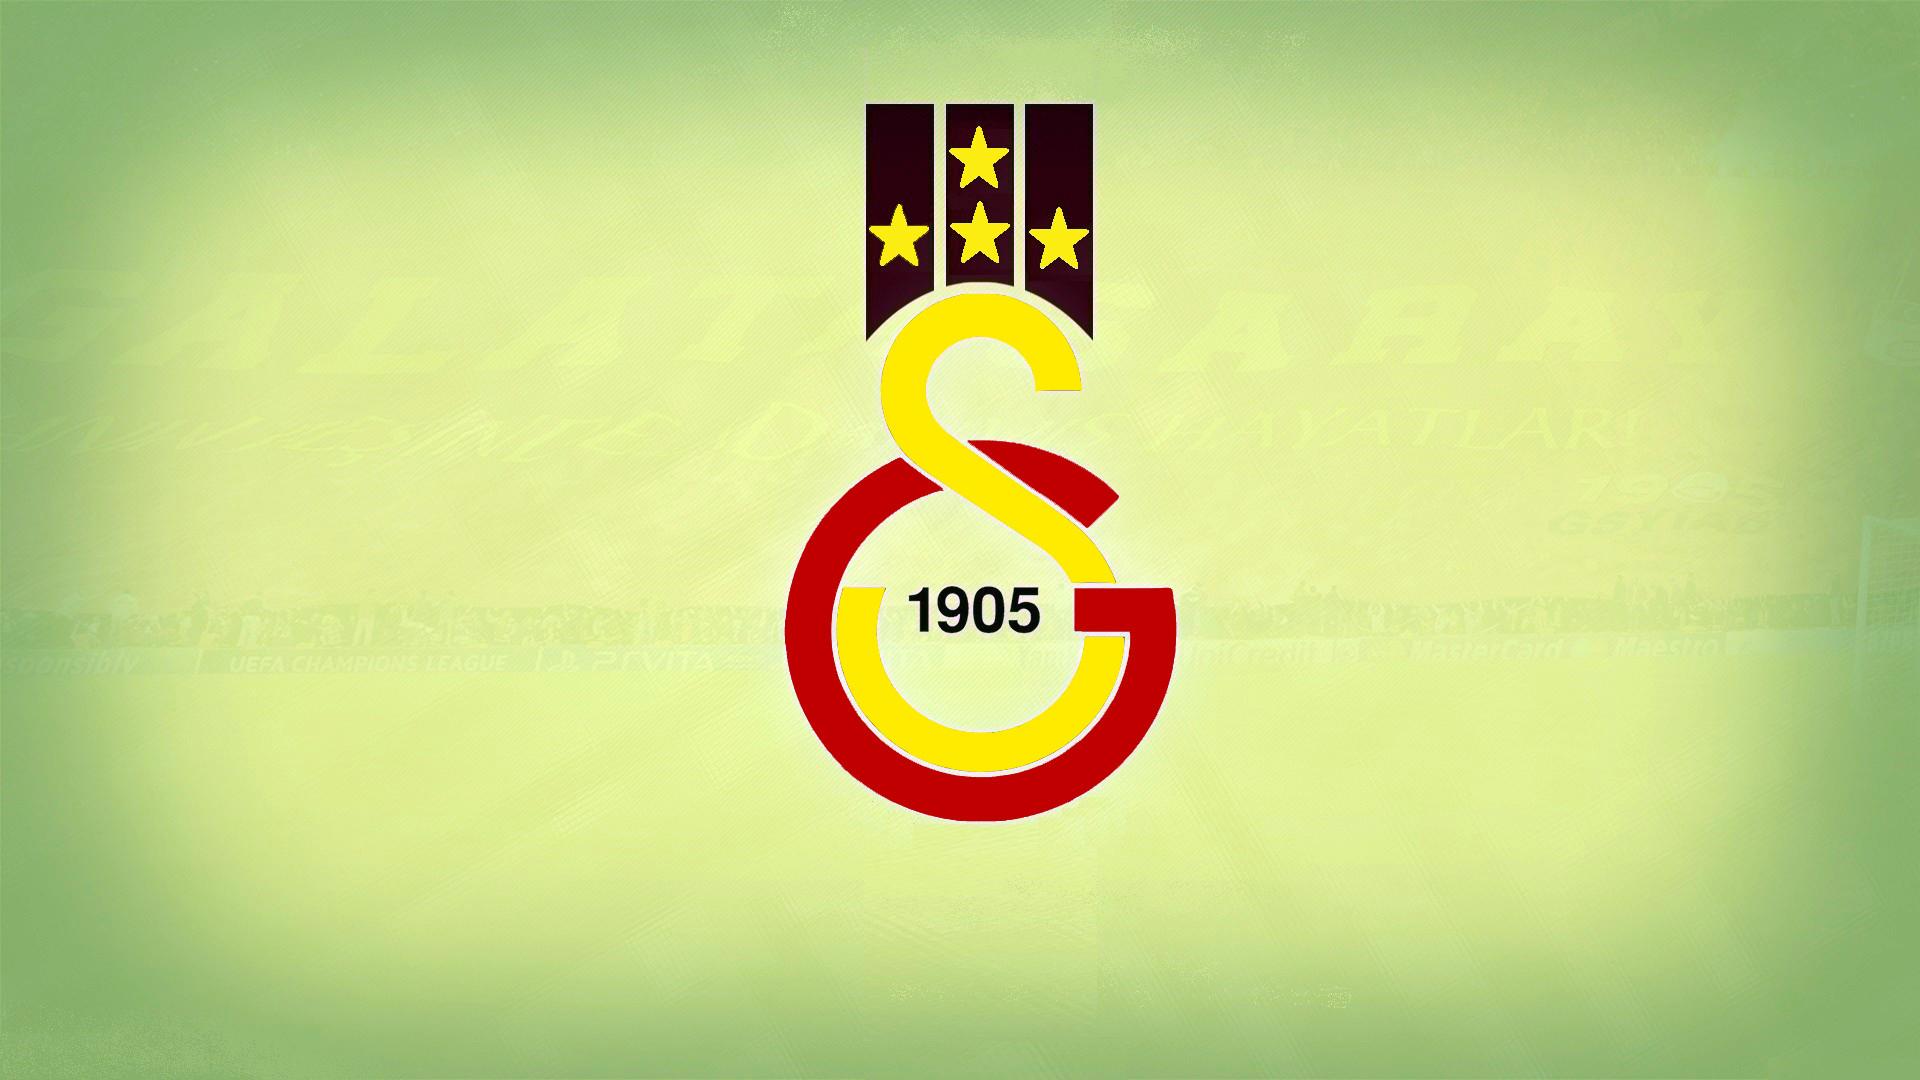 Galatasaray Wallpaper V1 By Kemalekimgraphic D6Ni3Lass